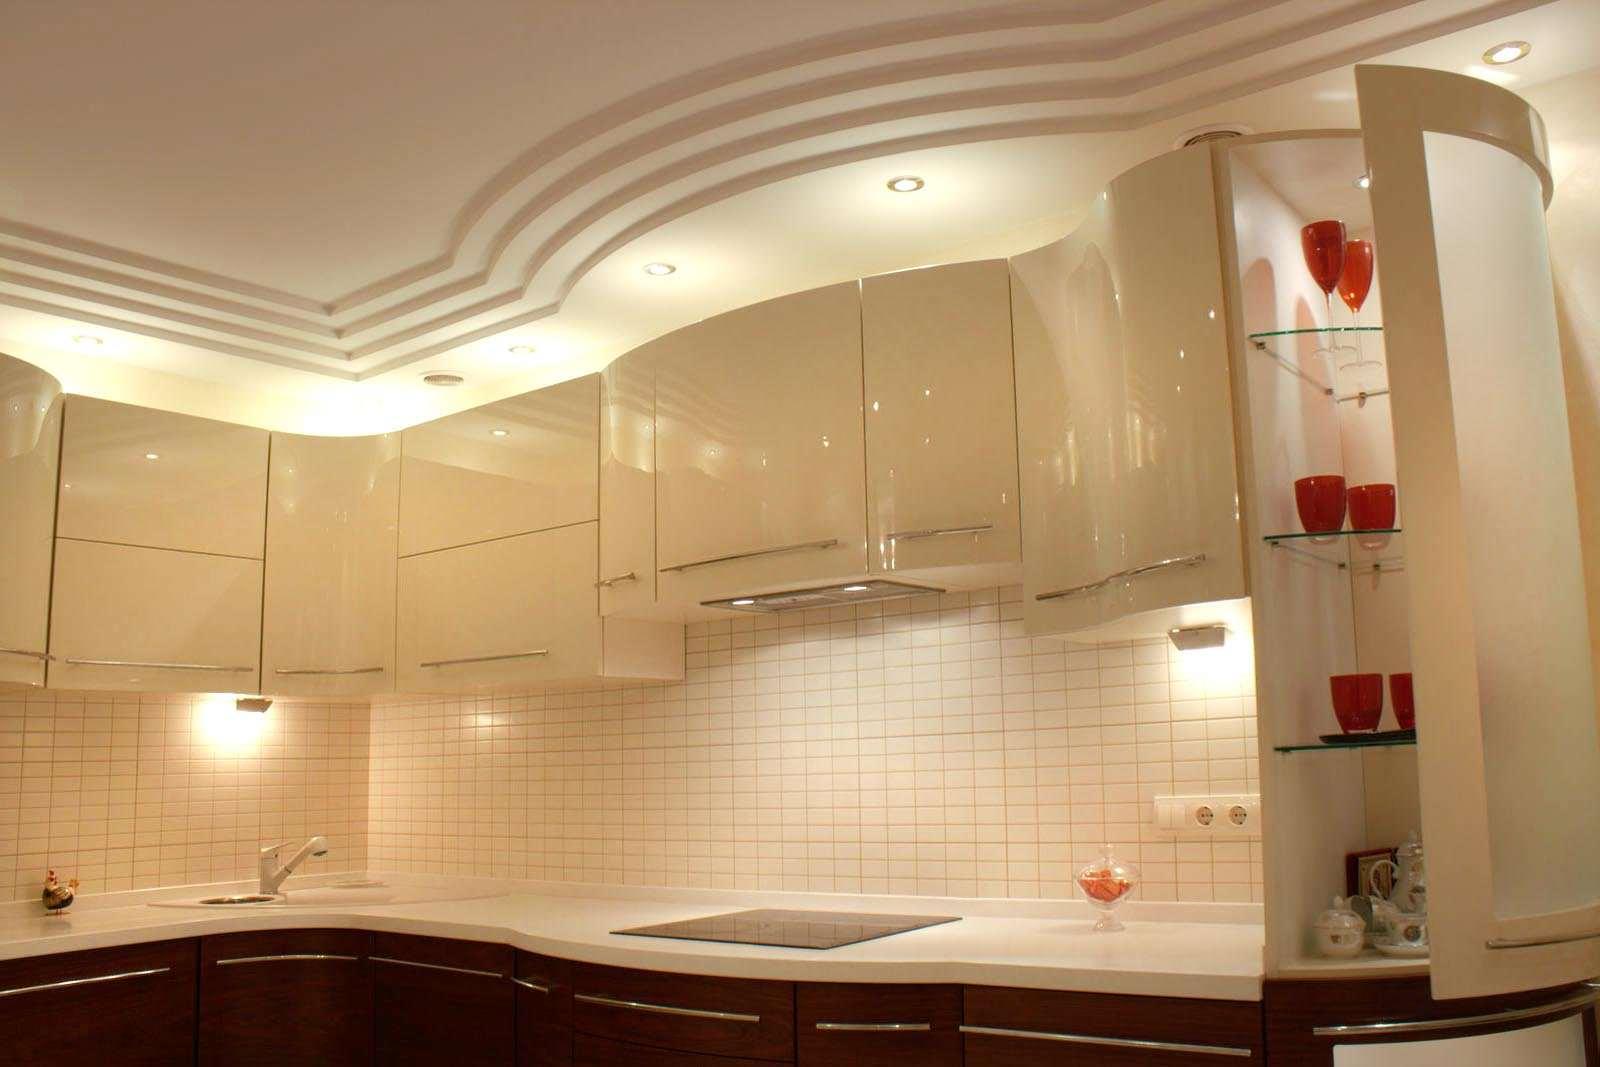 подвесные потолки фото из гипсокартона для кухни